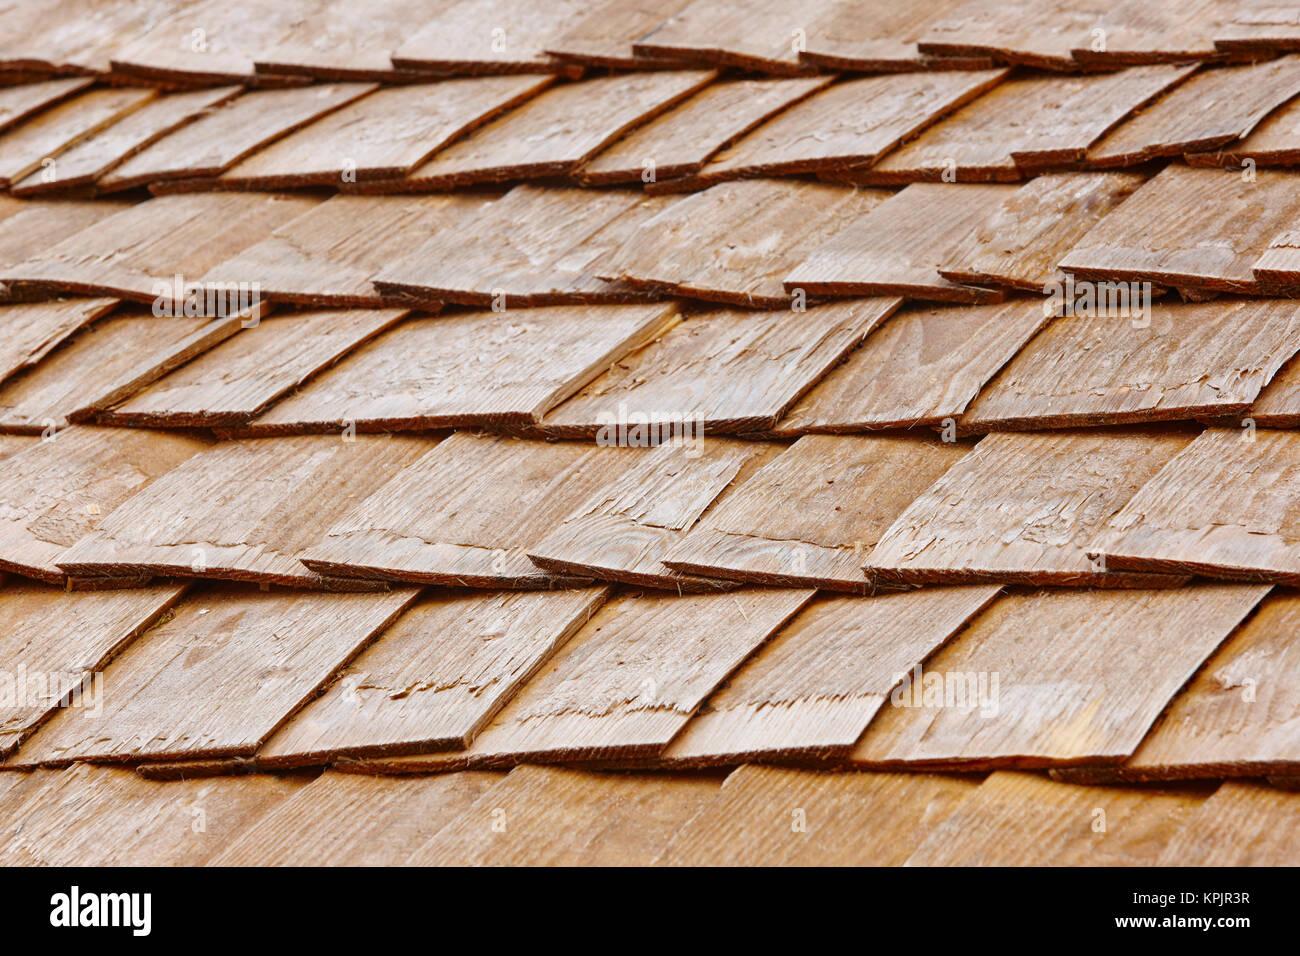 Holz schindel fliesen auf einem dach finnland for Fliesen auf holz